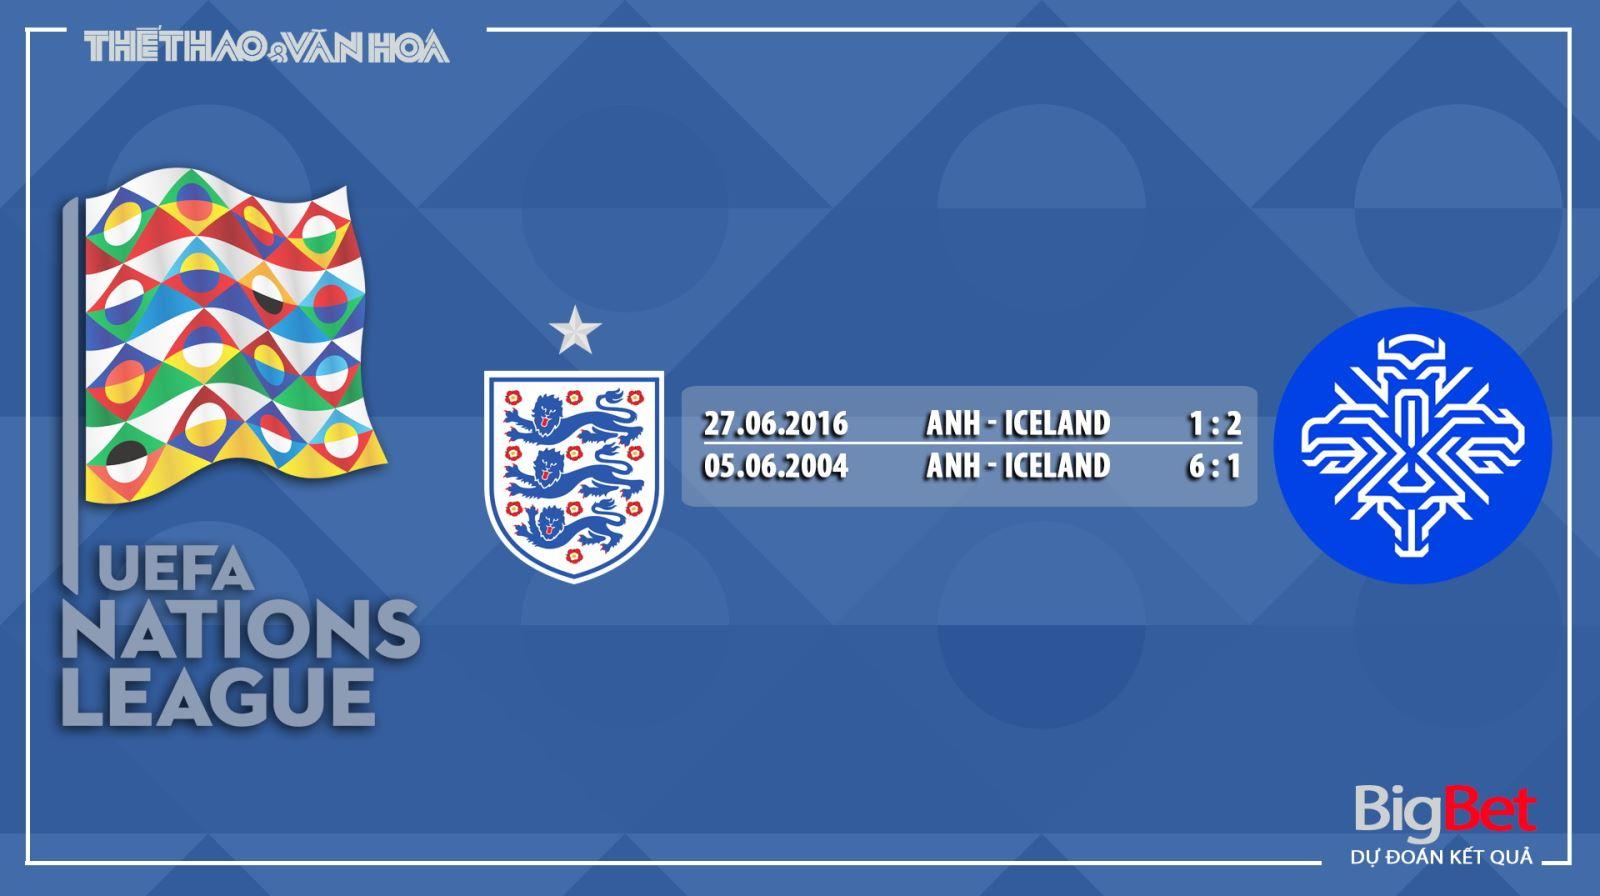 Soi kèo Iceland vsAnh, iceland, anh, soi kèo bóng đá, iceland đấu với anh, bđtv, trực tiếp Iceland vsAnh, bóng đá, bong da, kèo bóng đá